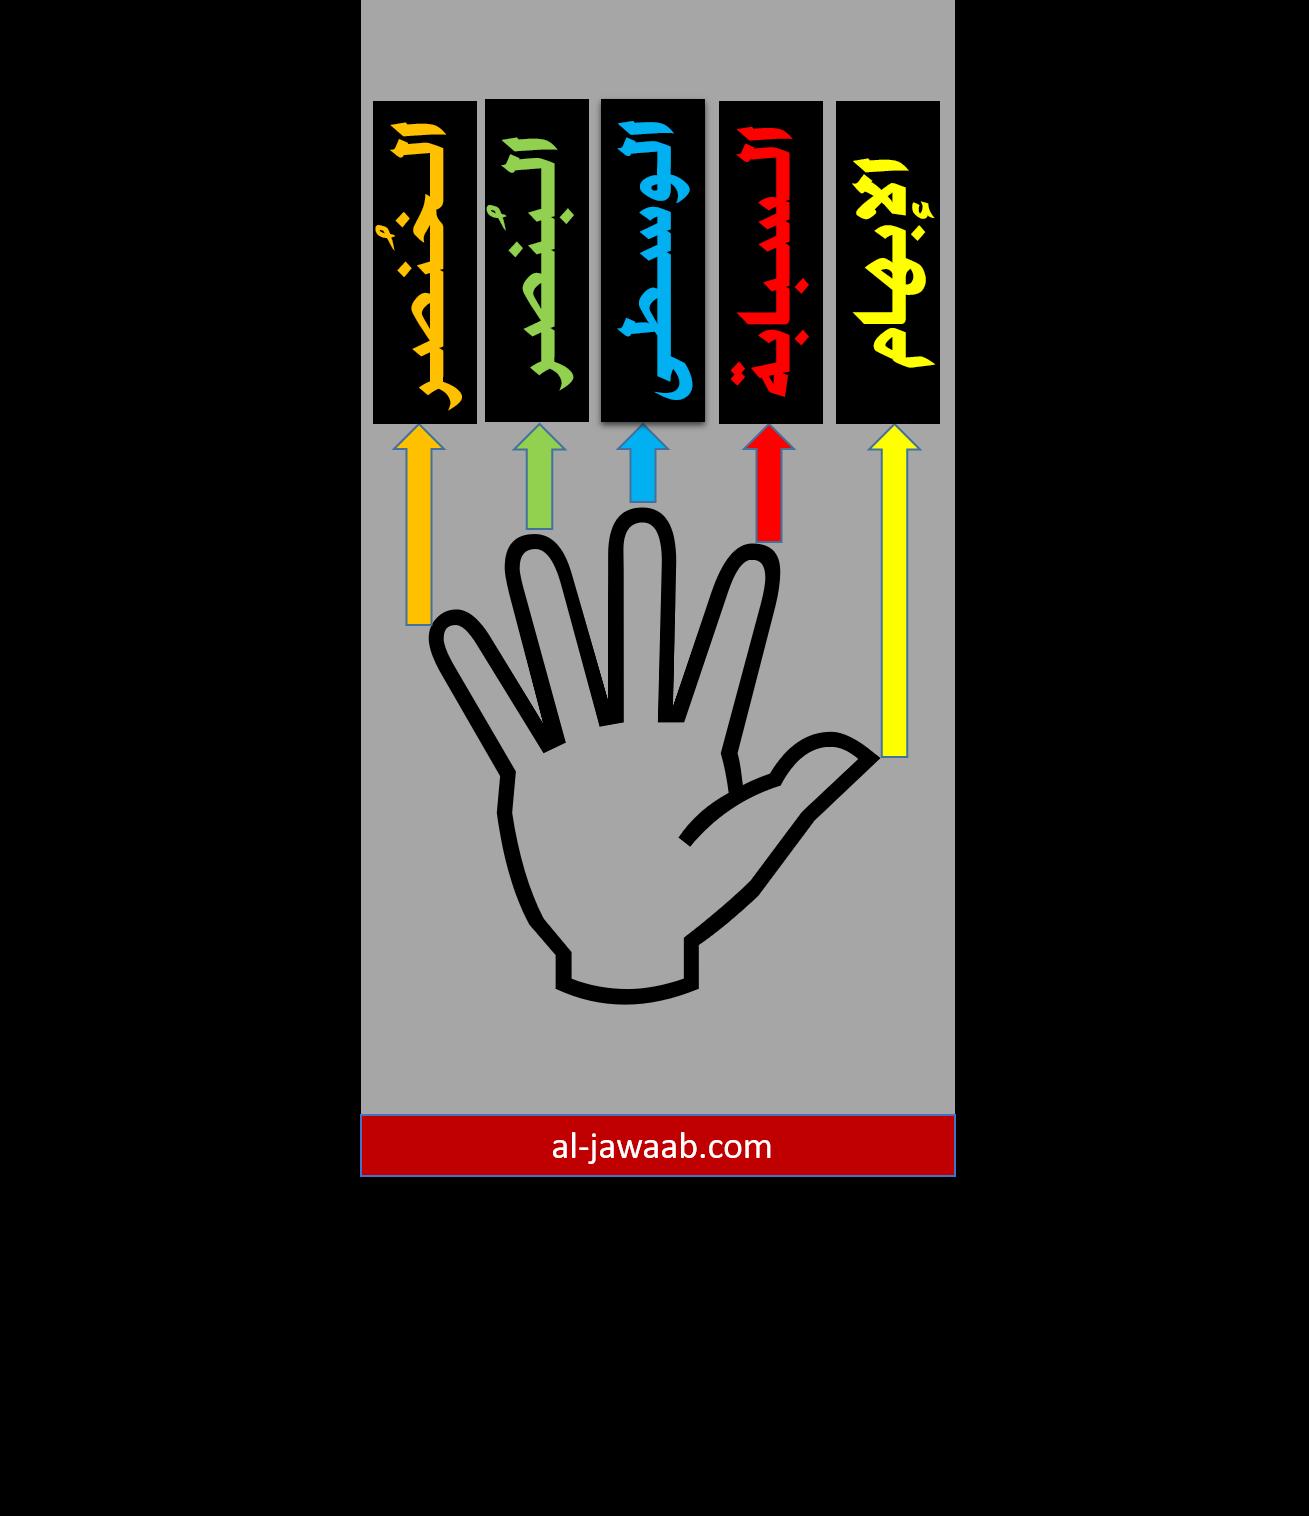 اليد, الكف, الابهام, السبابة, الوسطى, البنصر, الخنصر